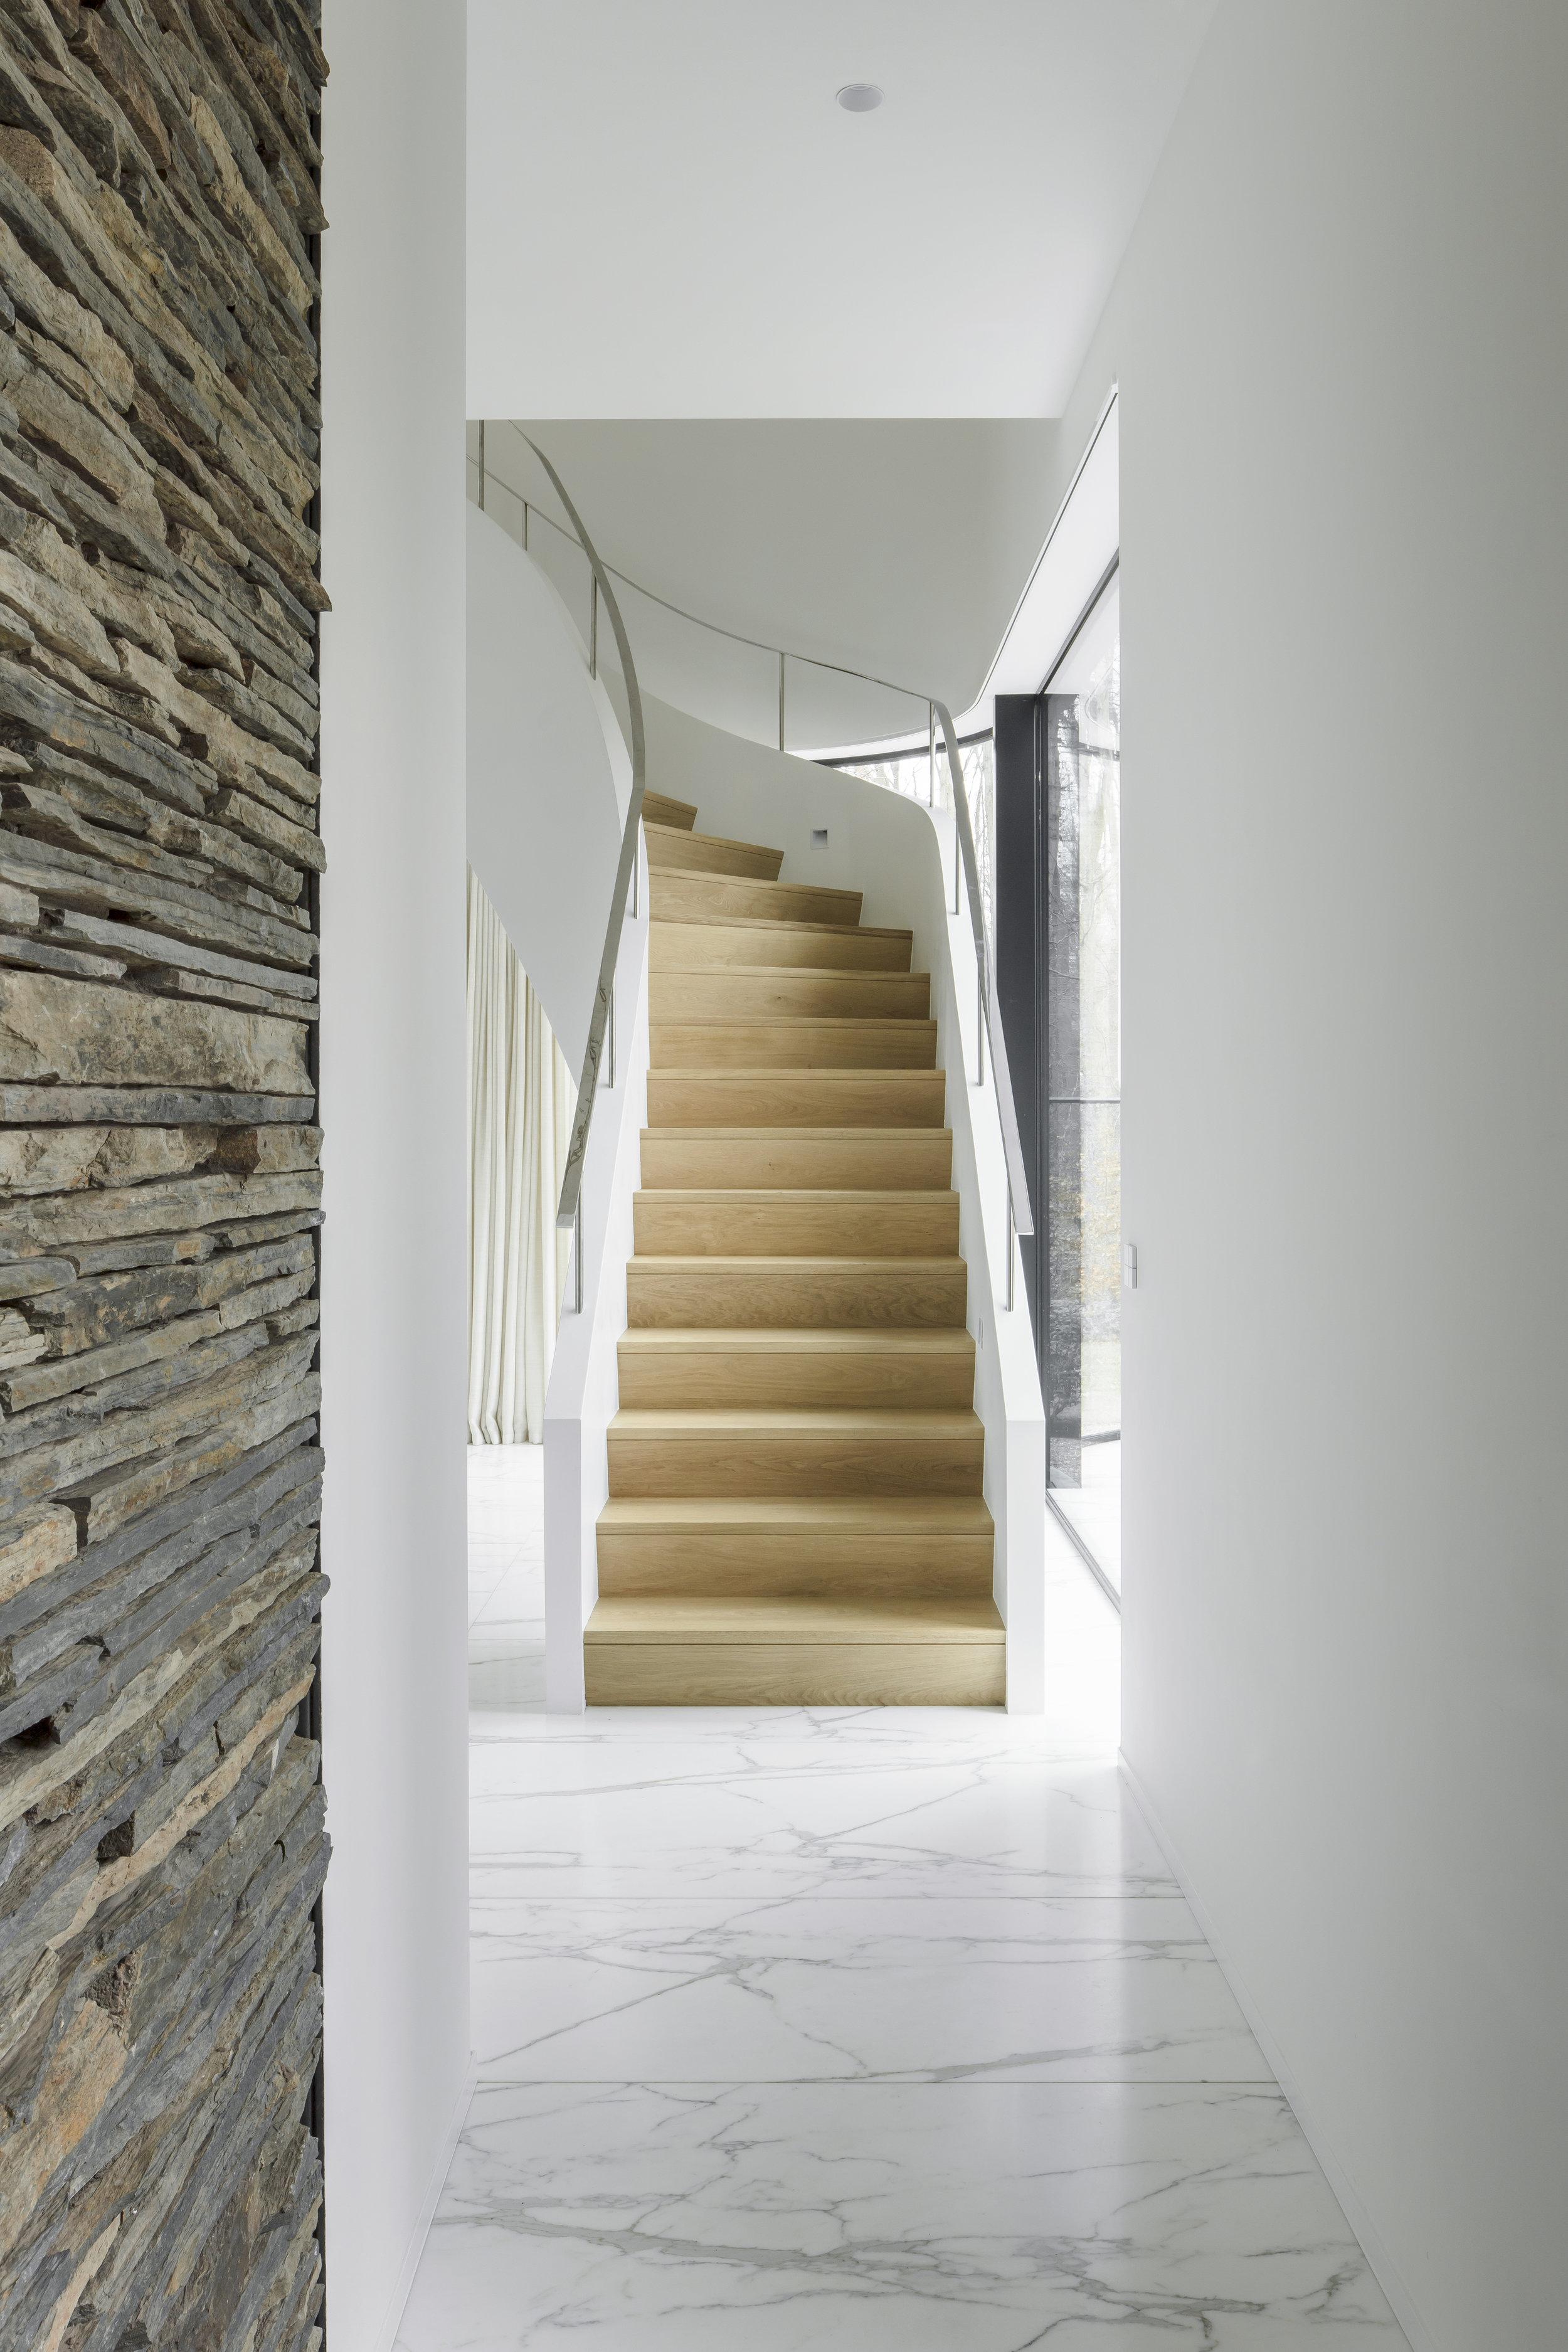 demeestervliegen-architecture-interior-interiorarchitecture-office5.jpg